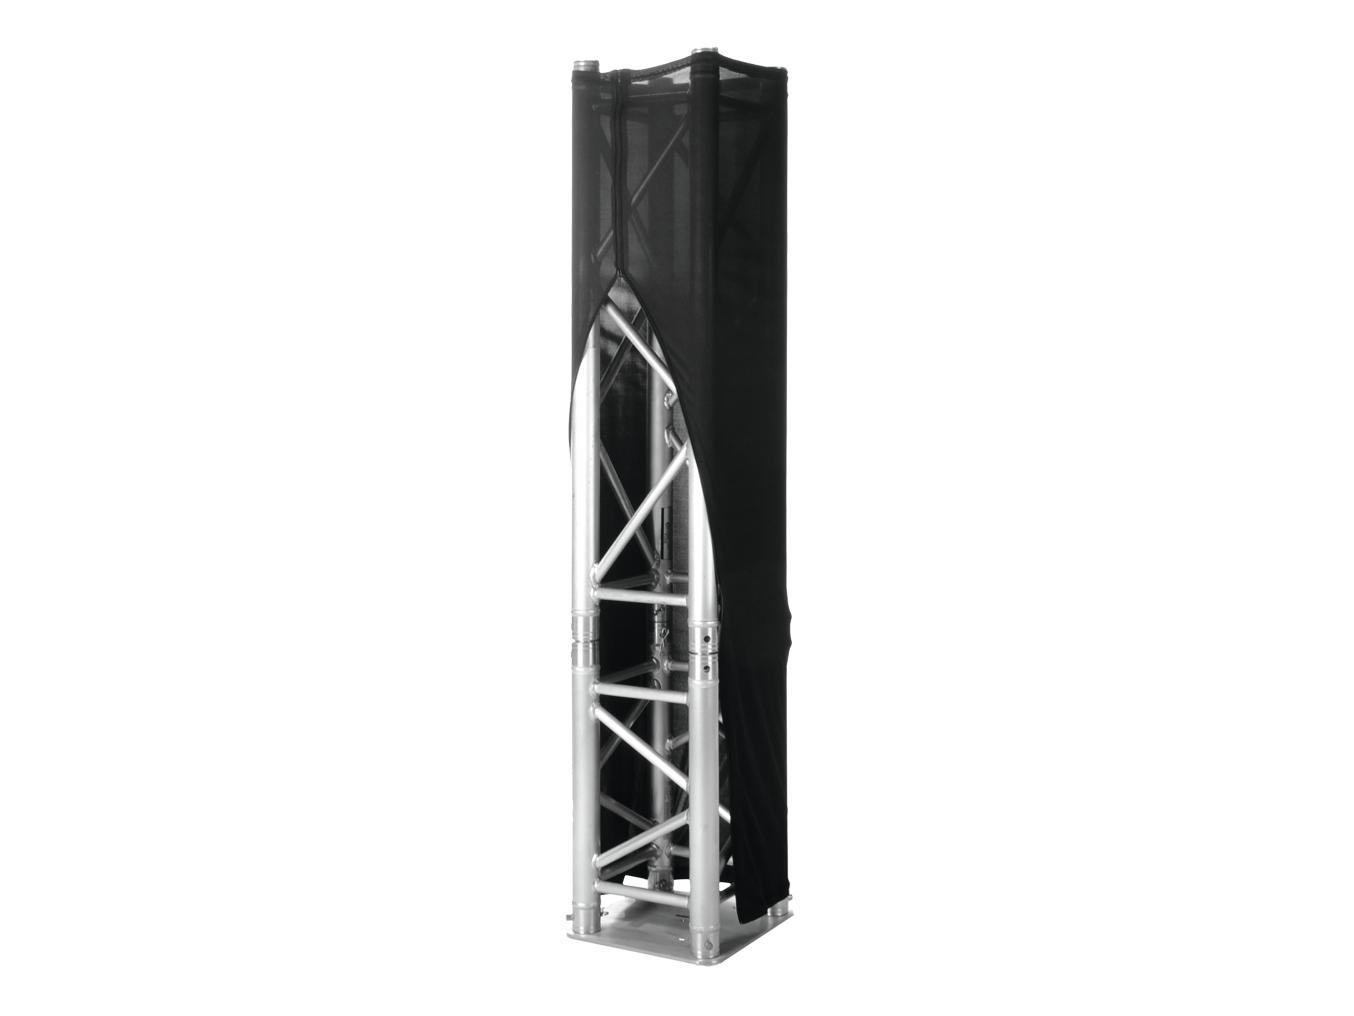 ESPANDERE XPTC15RVS Capriata di copertura di 150 cm, nero